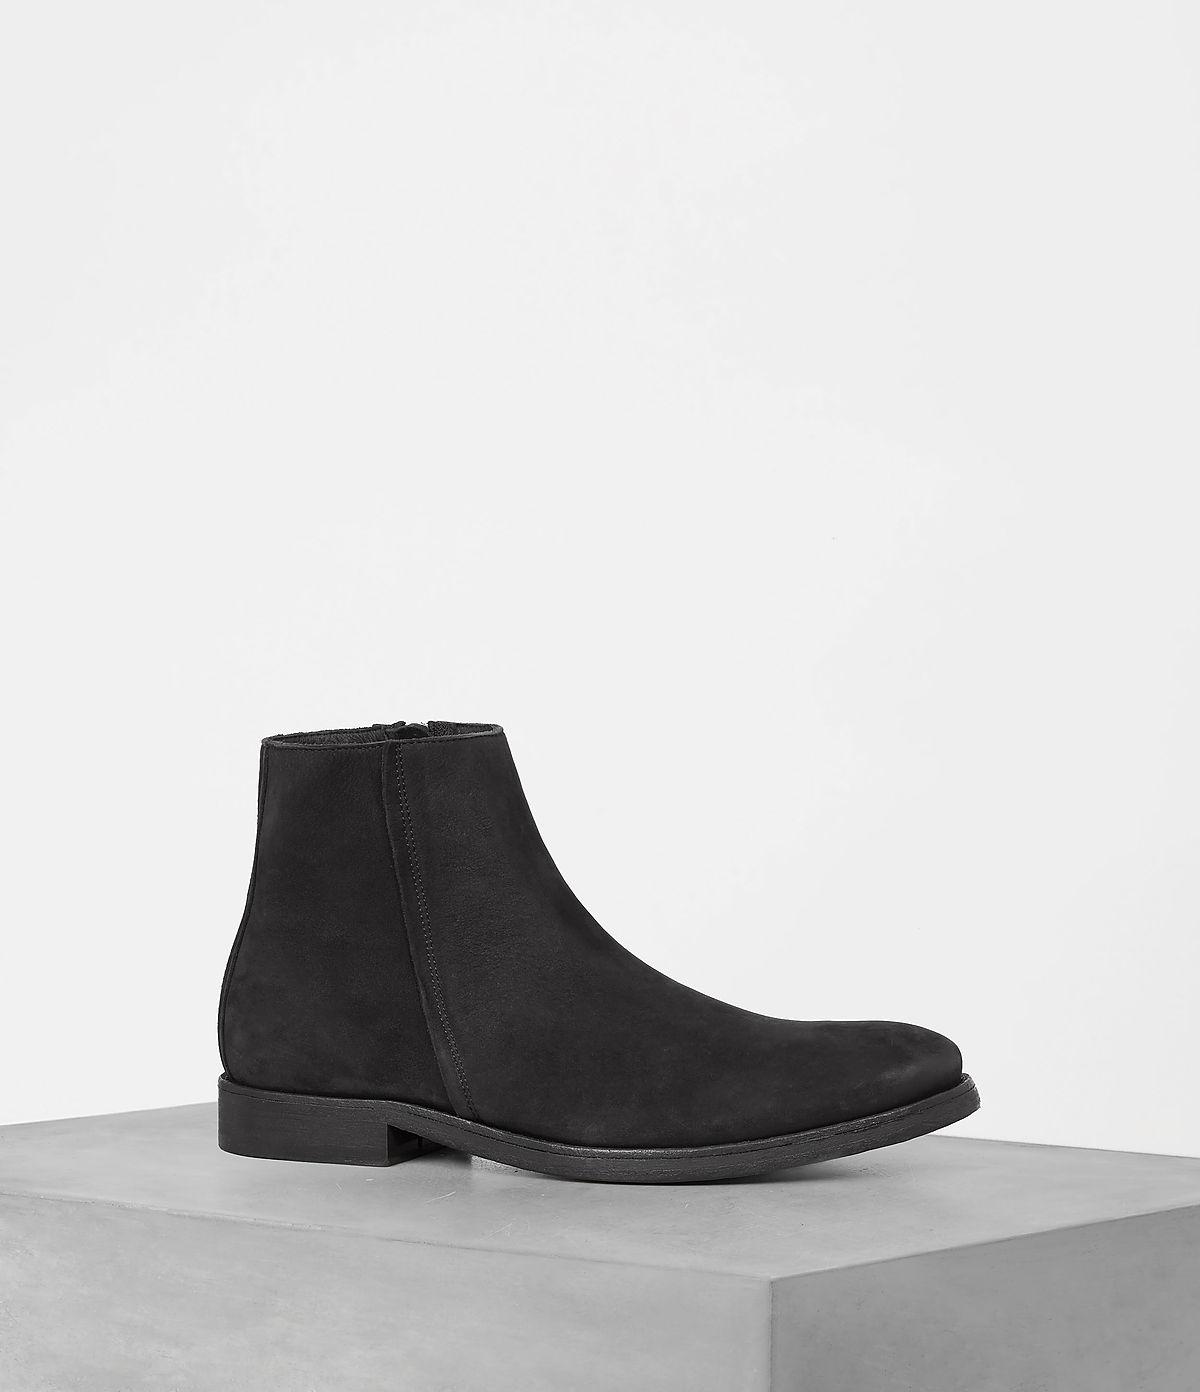 ALLSAINTS US: Men's Boots & Shoes, Shop Now.